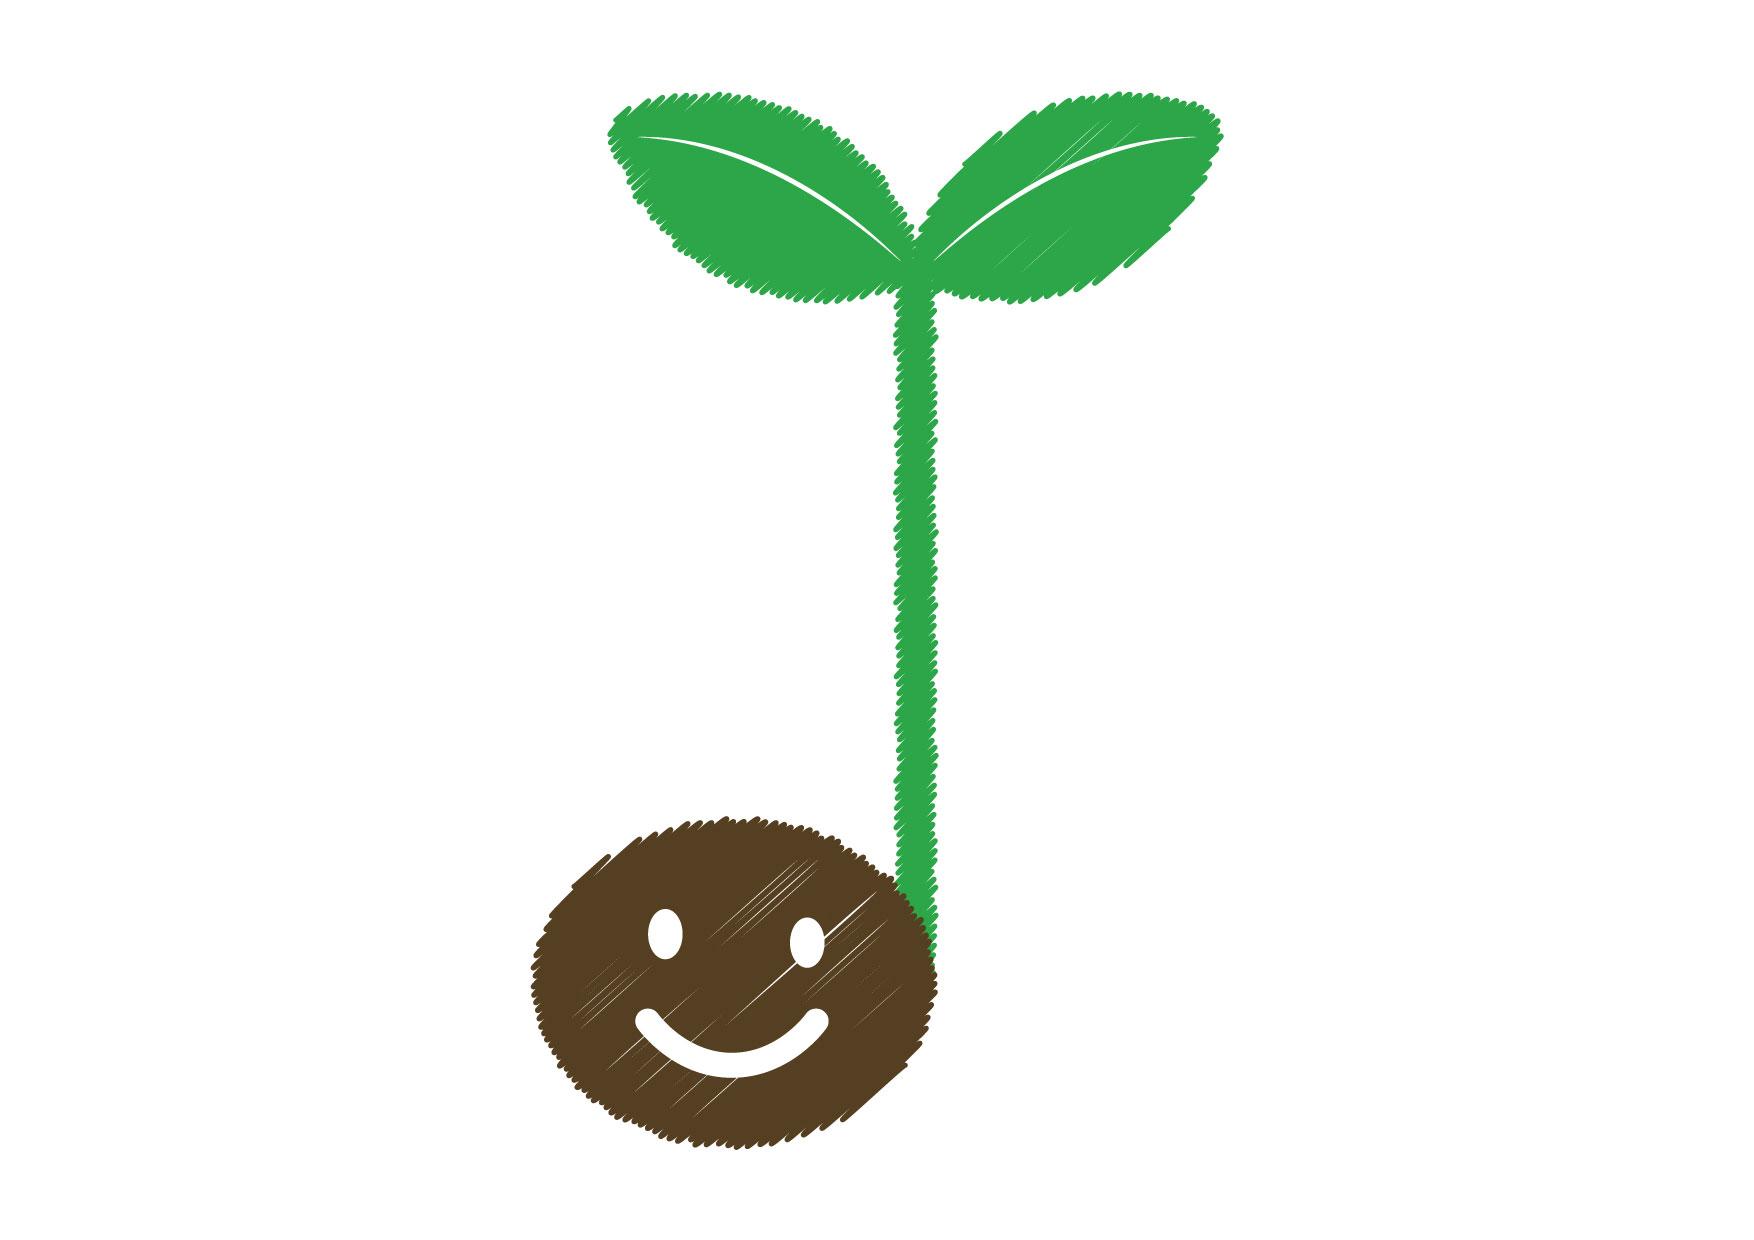 可愛いイラスト無料|音符 若葉 種 緑 − free illustration Musical note germination seed green